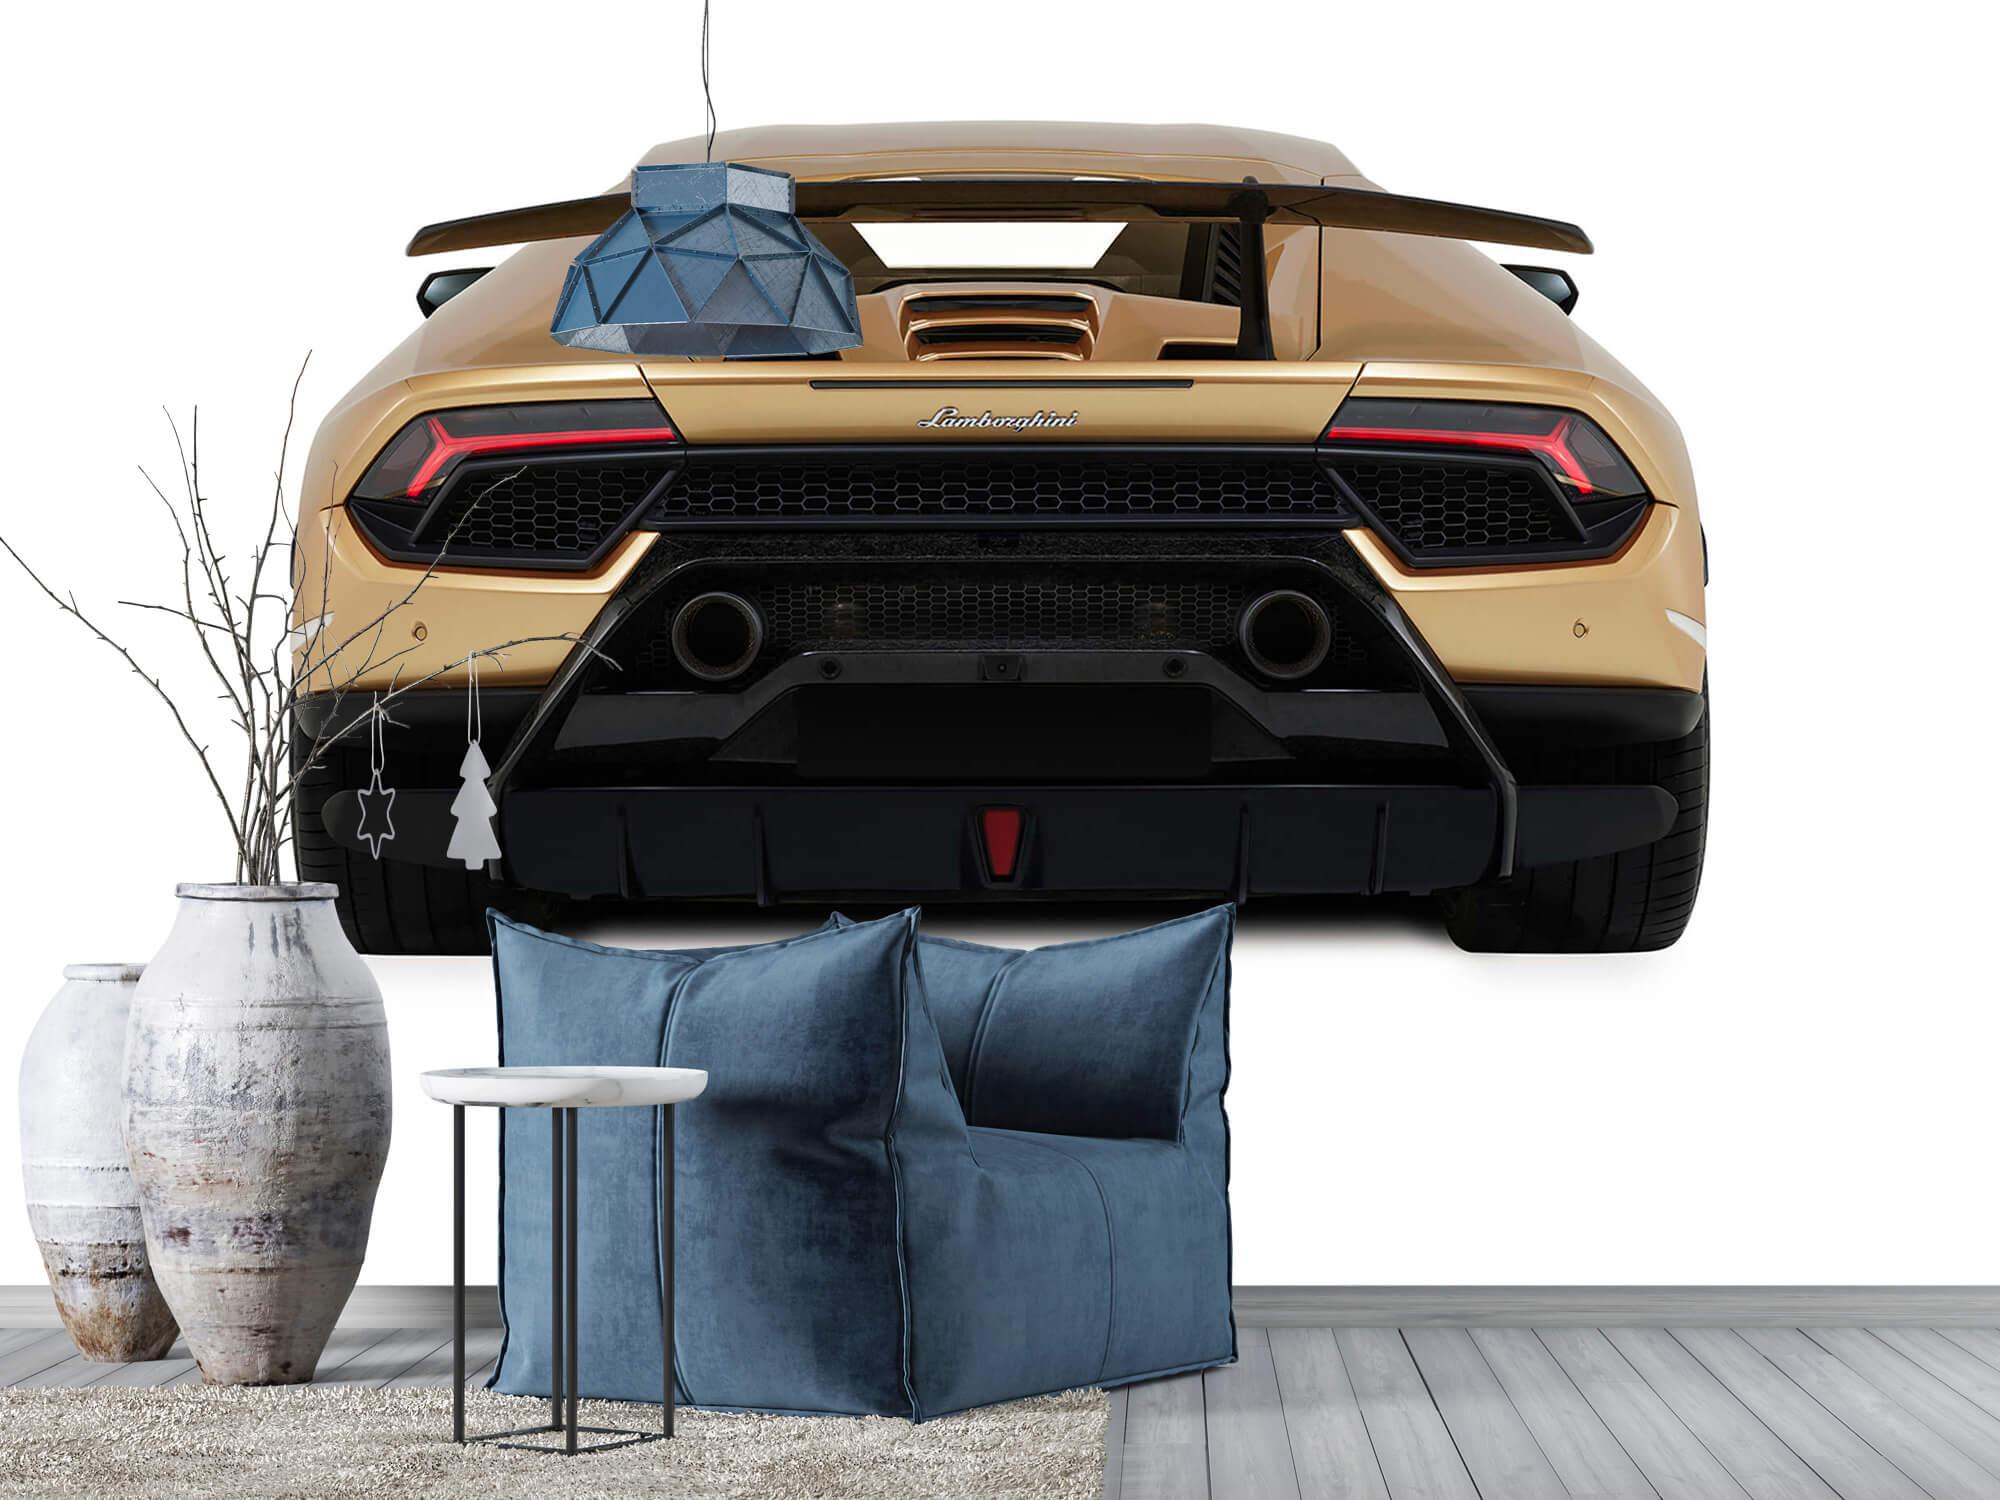 Wallpaper Lamborghini Huracán - Rear view, white 9